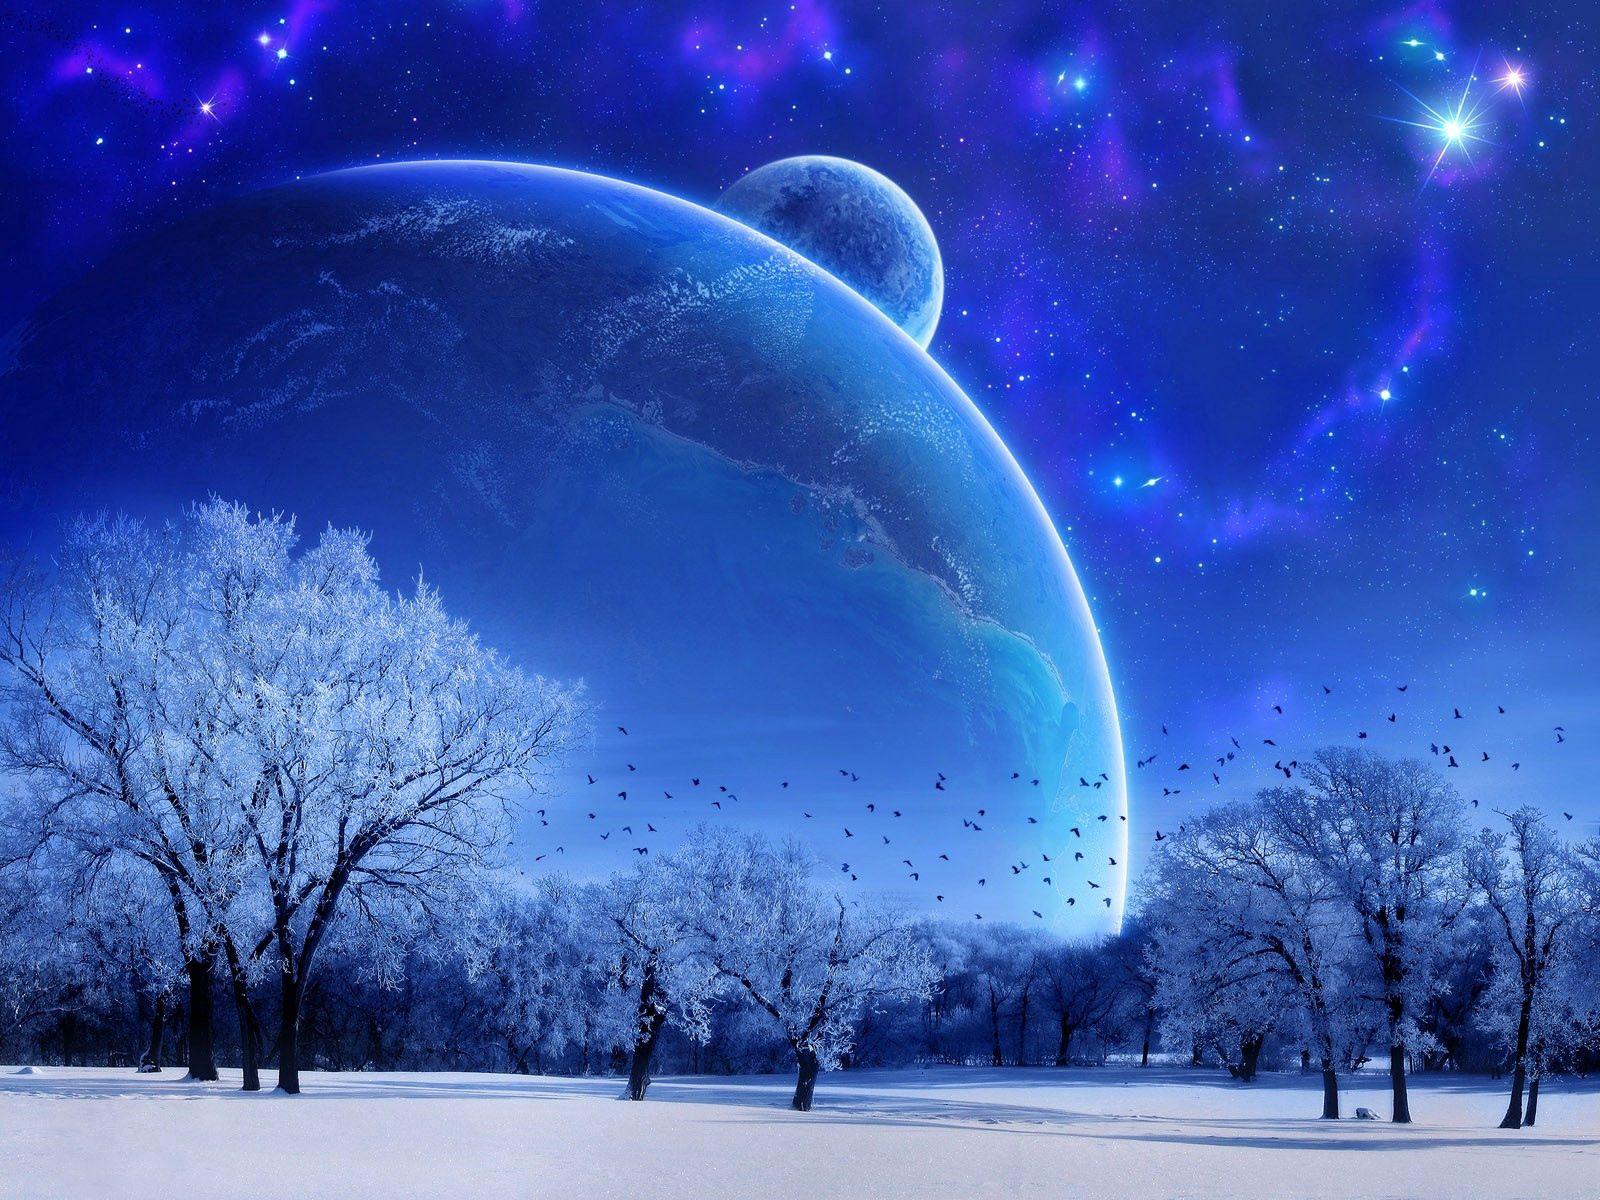 125373 скачать обои Планеты, Фэнтези, Зима, Птицы, Деревья, Звезды - заставки и картинки бесплатно